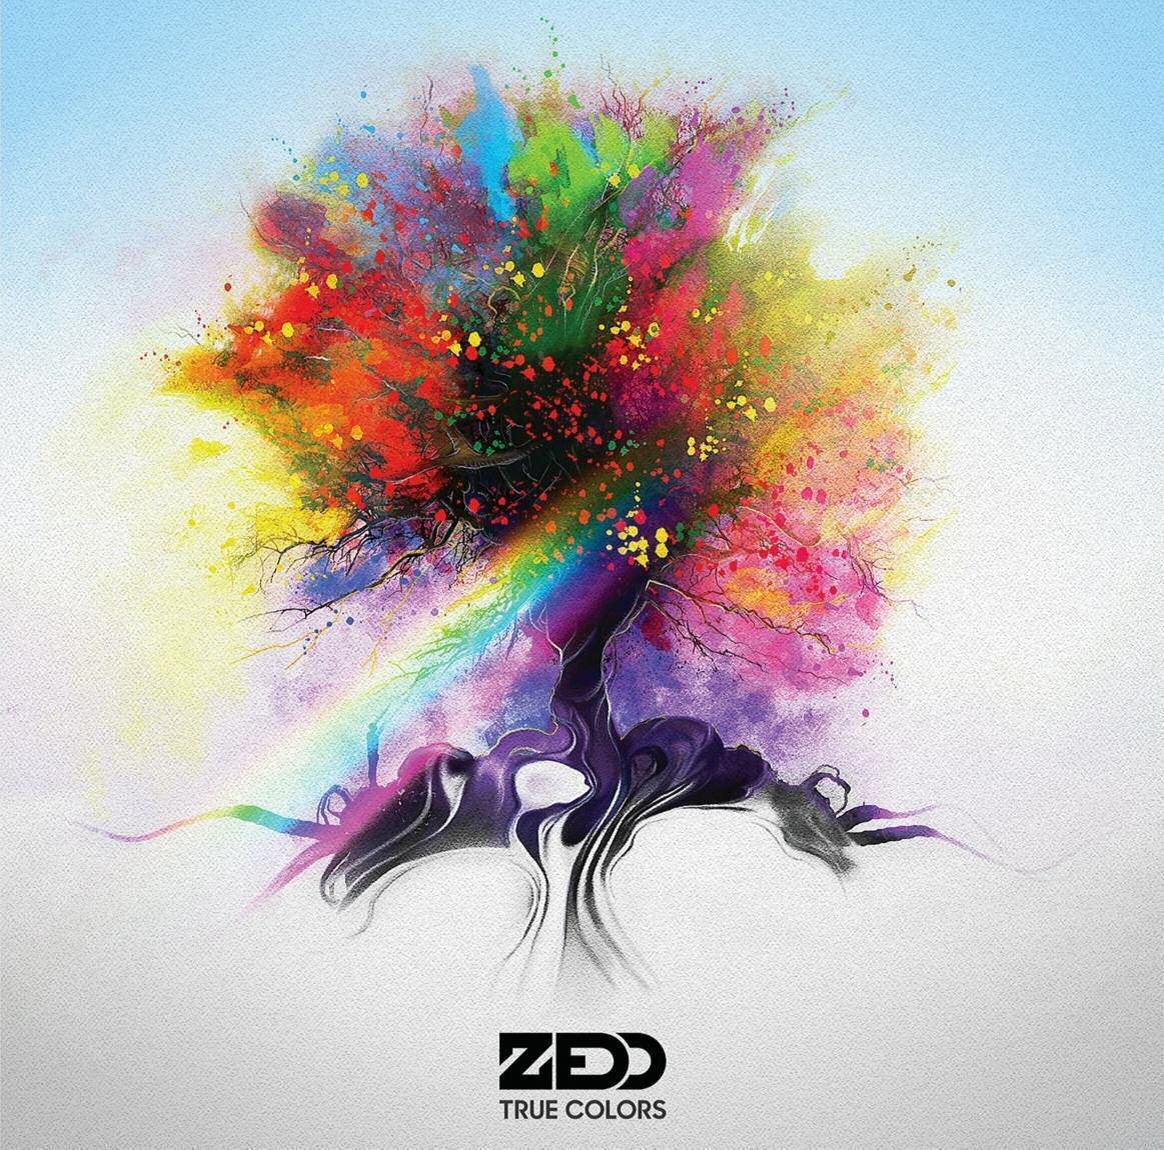 TRUE COLORS - ZEDD - CD -